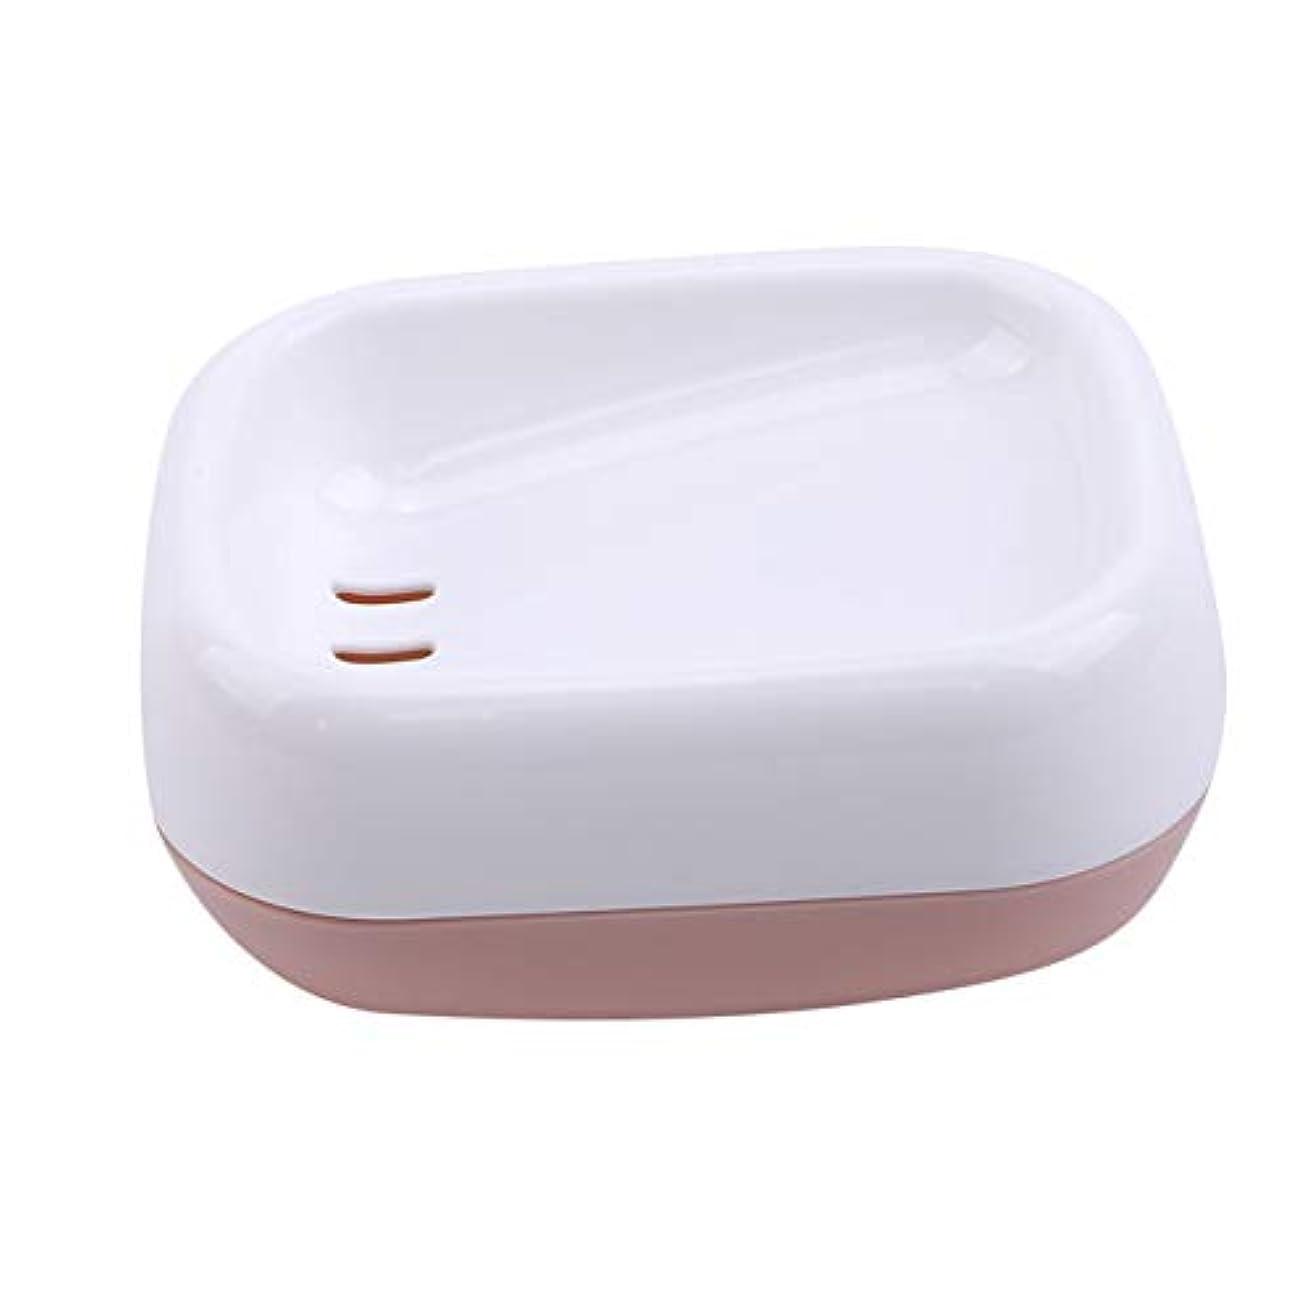 害オセアニアロシアZALINGソープディッシュボックス浴室プラスチック二重層衛生的なシンプル排水コンテナソープディッシュピンク